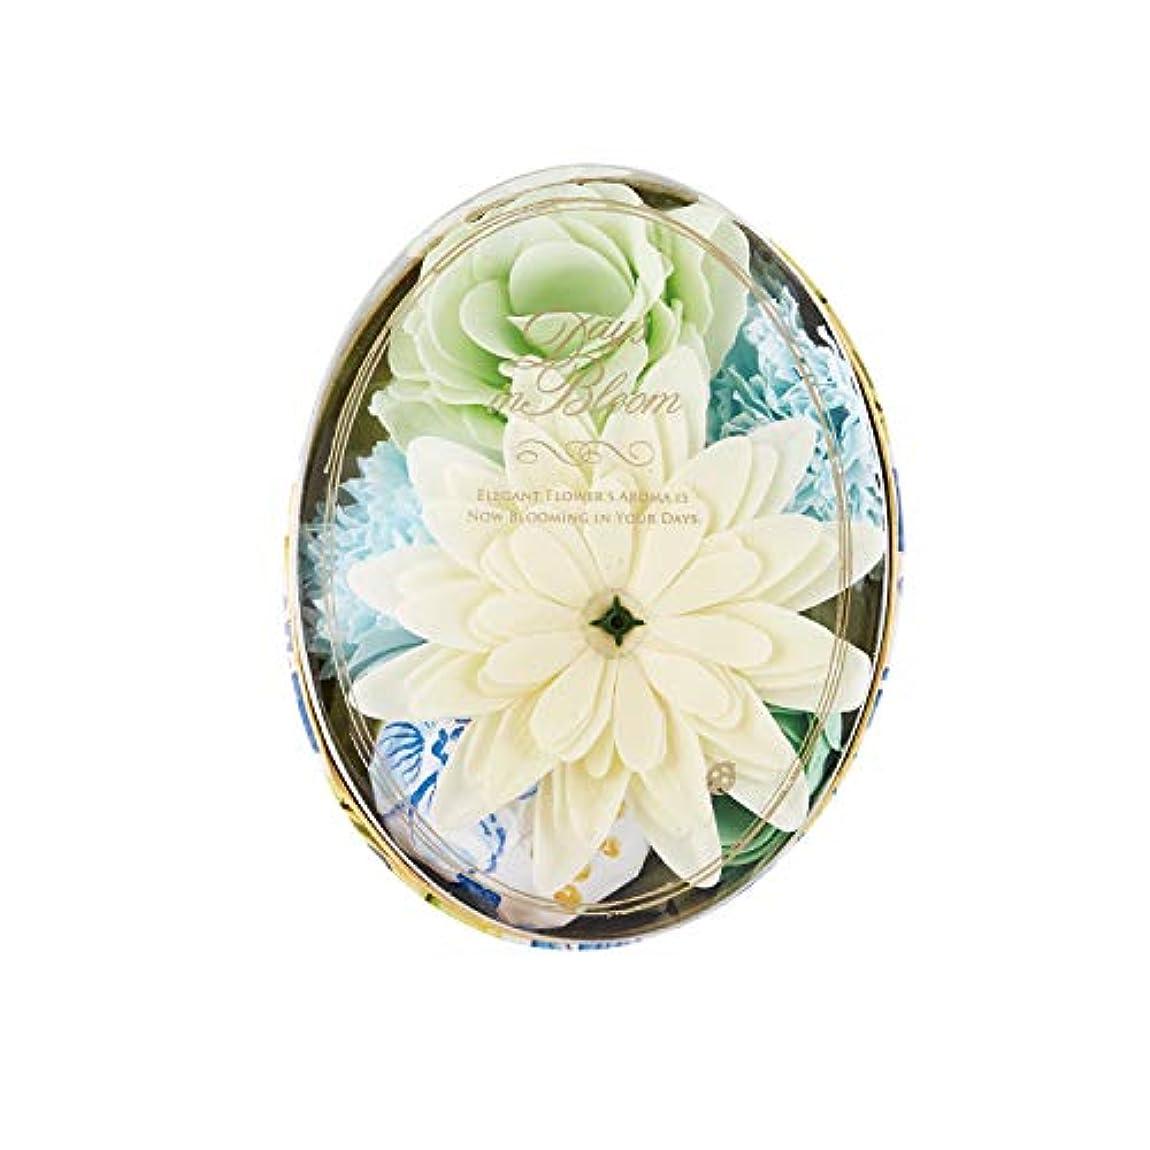 ブラケットご覧ください言語デイズインブルーム バスセットオーバル ガーデニア (入浴料 お花の形のバスギフト)